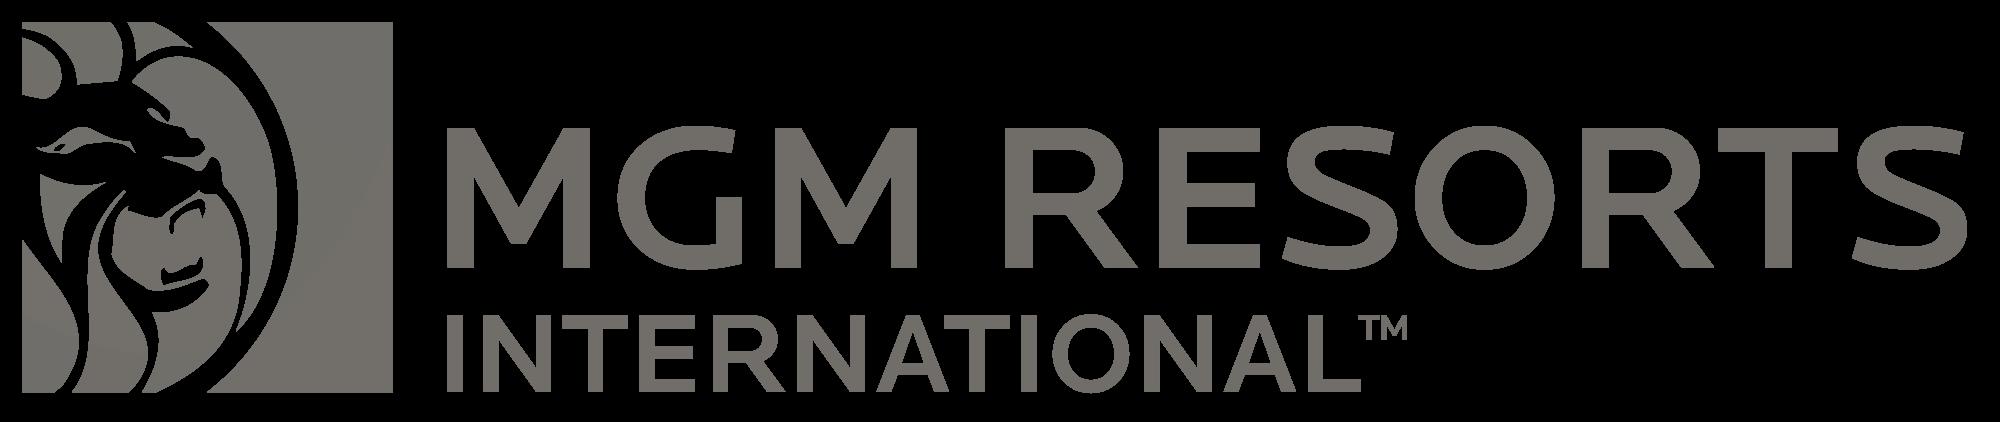 mgmresorts-international-logo-2000x422.png